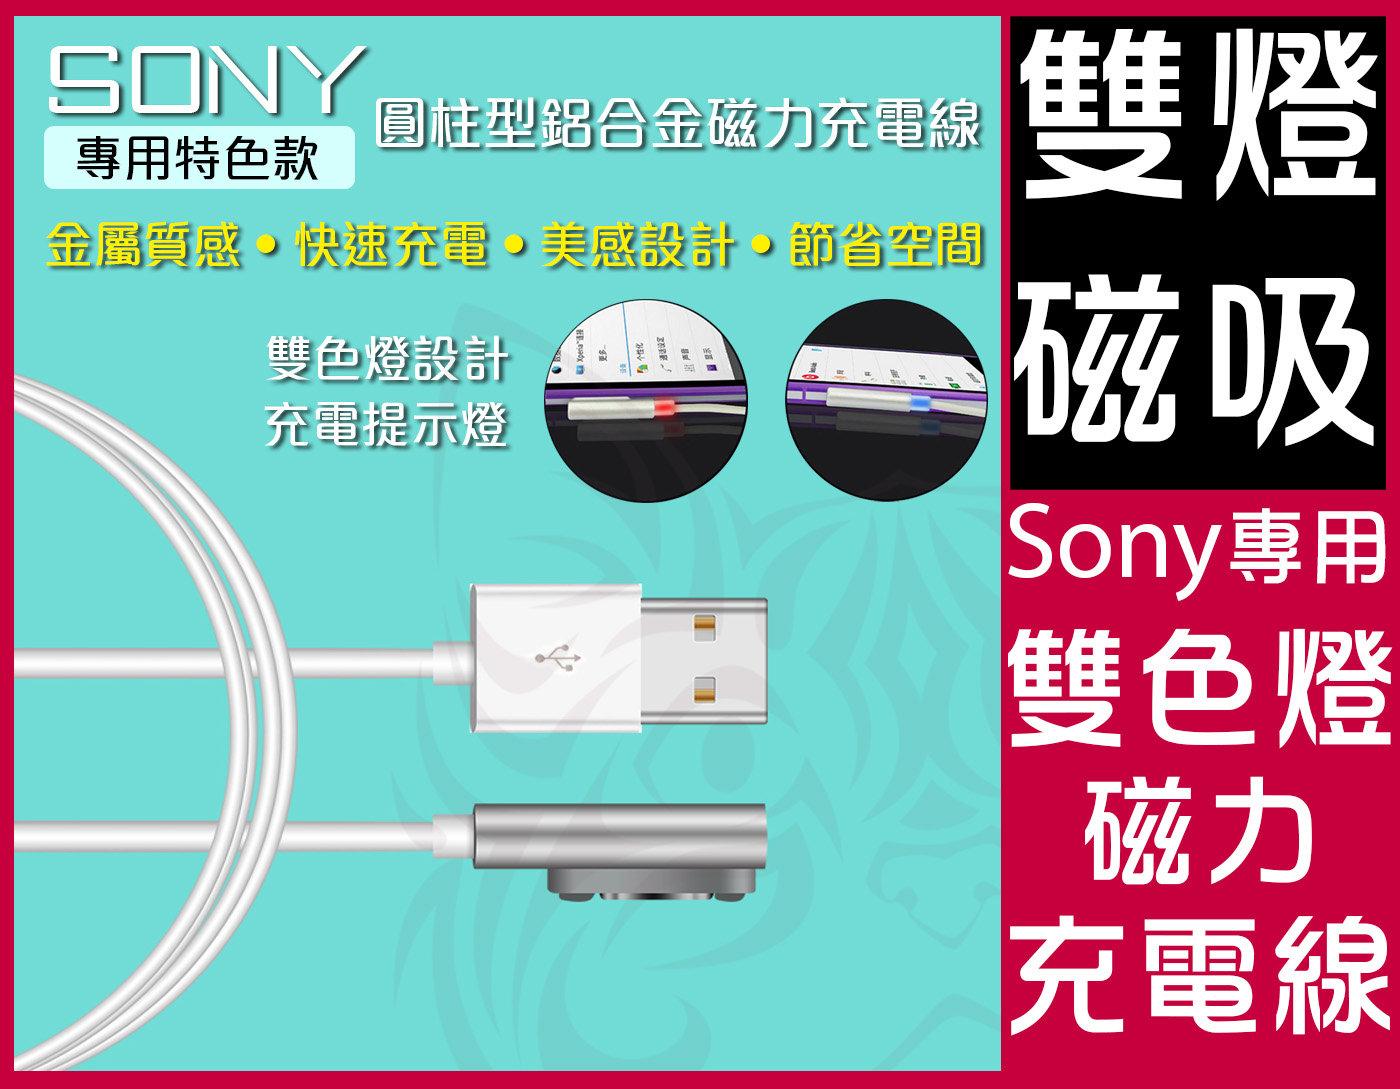 副廠 Sony 專用 LED雙色燈 圓柱型 / 寬版 磁力充電線 【D-SON-002】 磁充線 Z3 Z2 Z1 ZU 可用